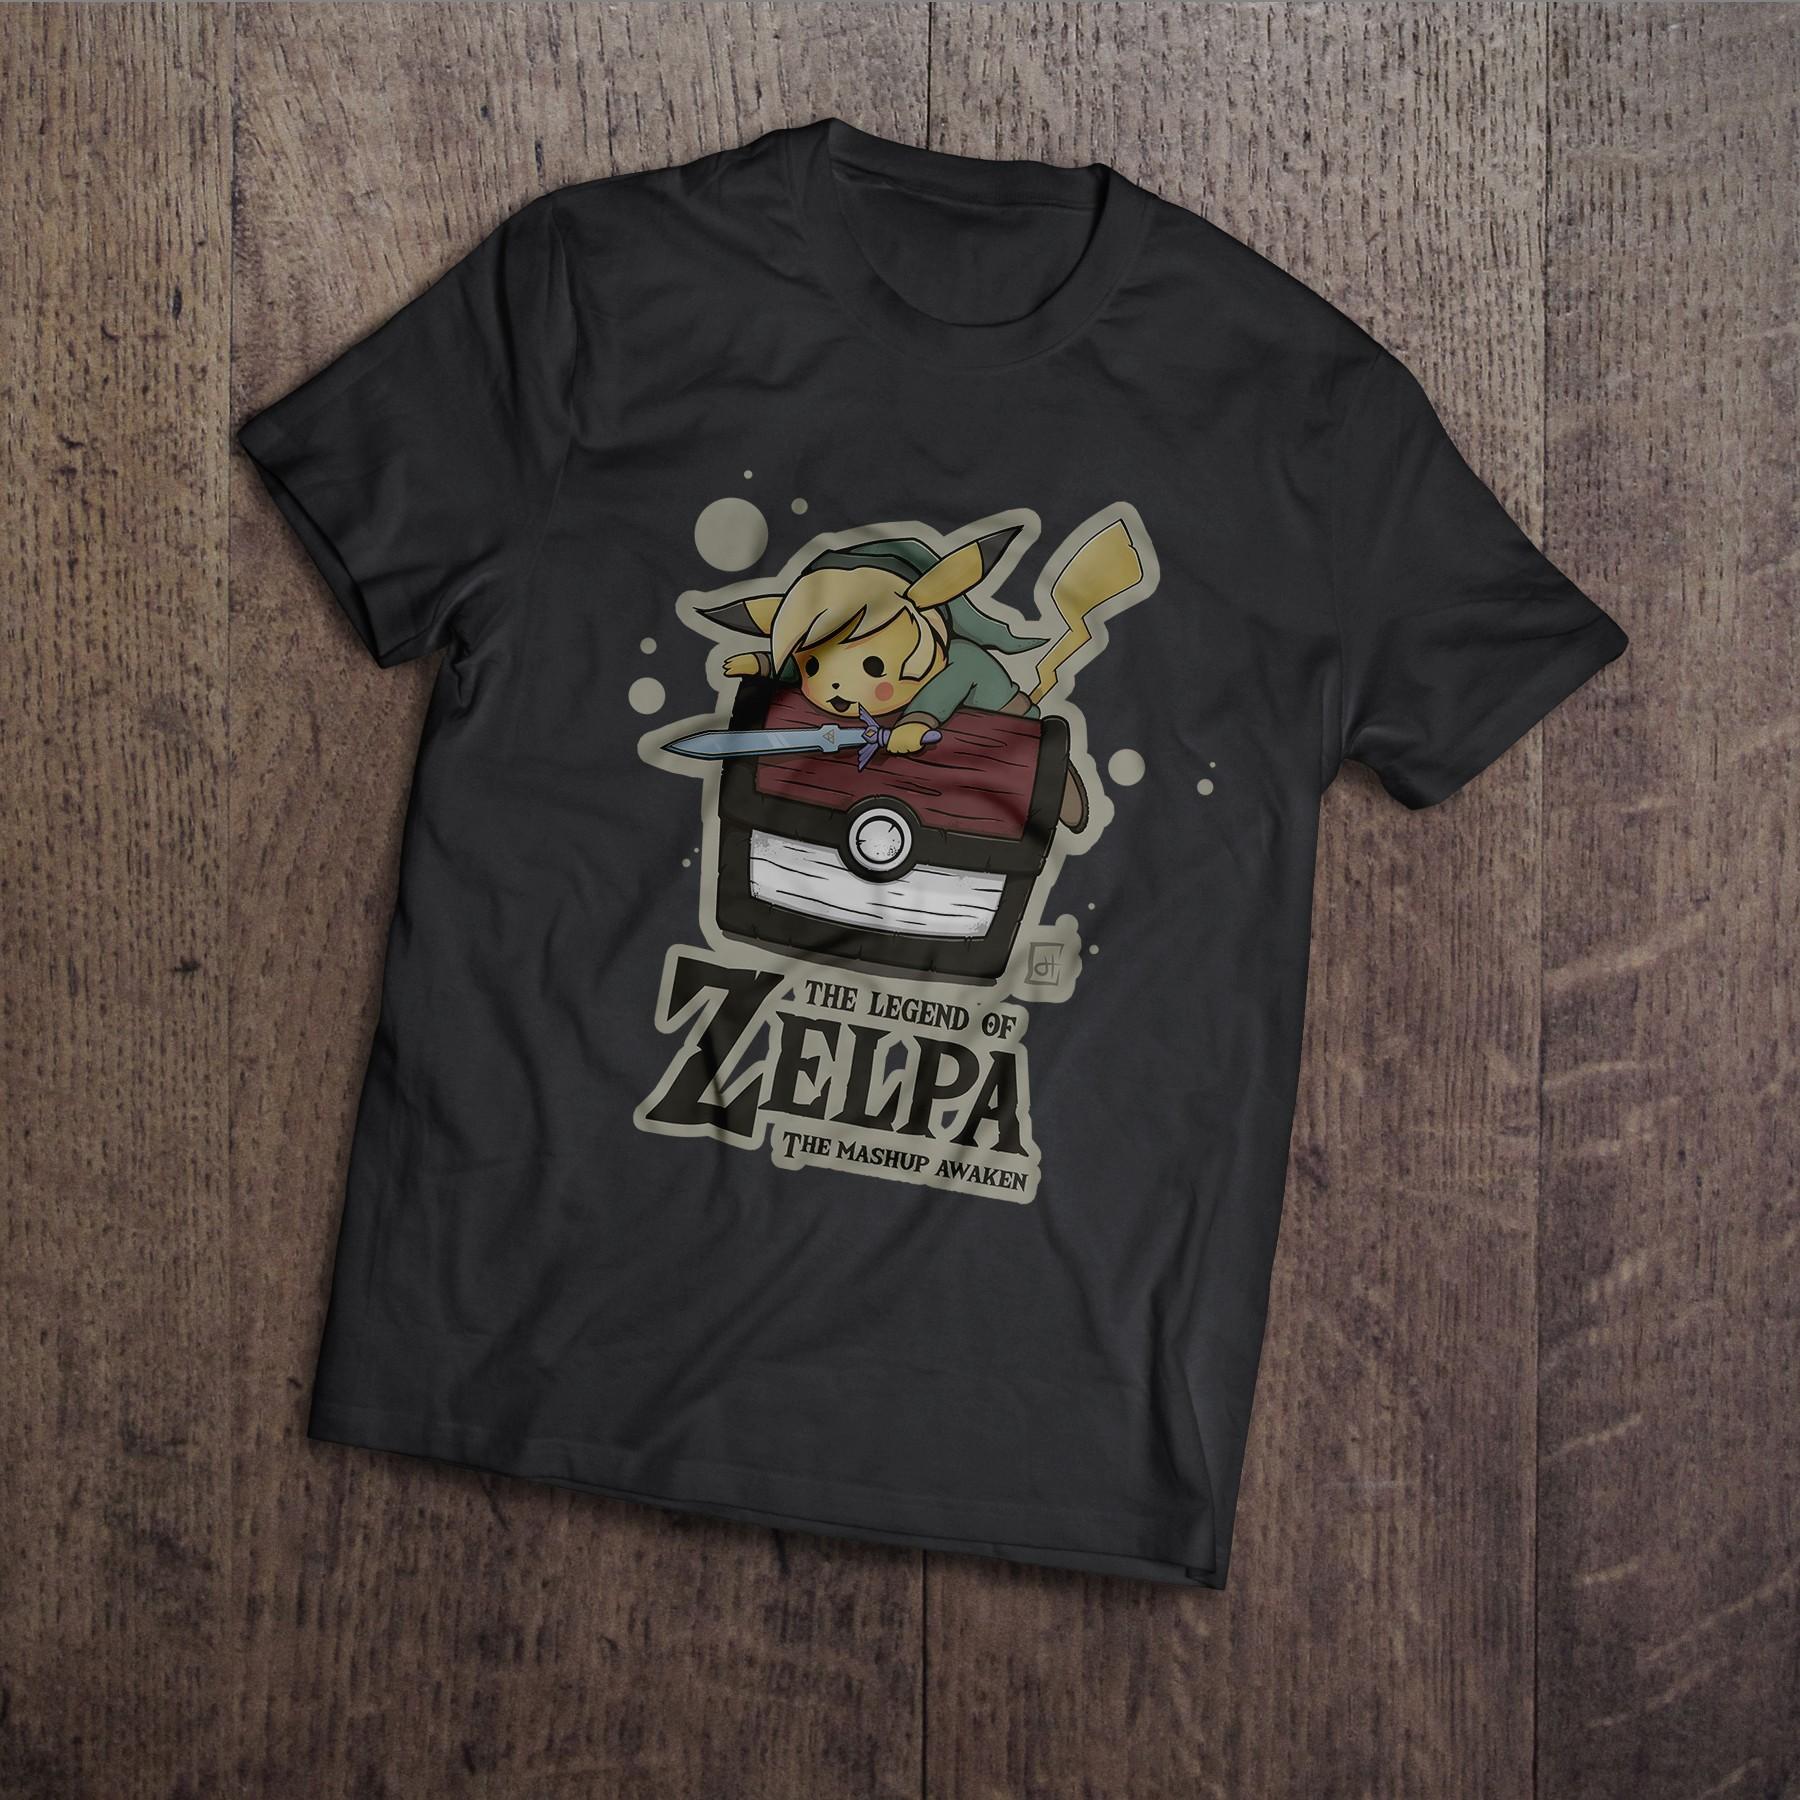 T-shirt linkachu